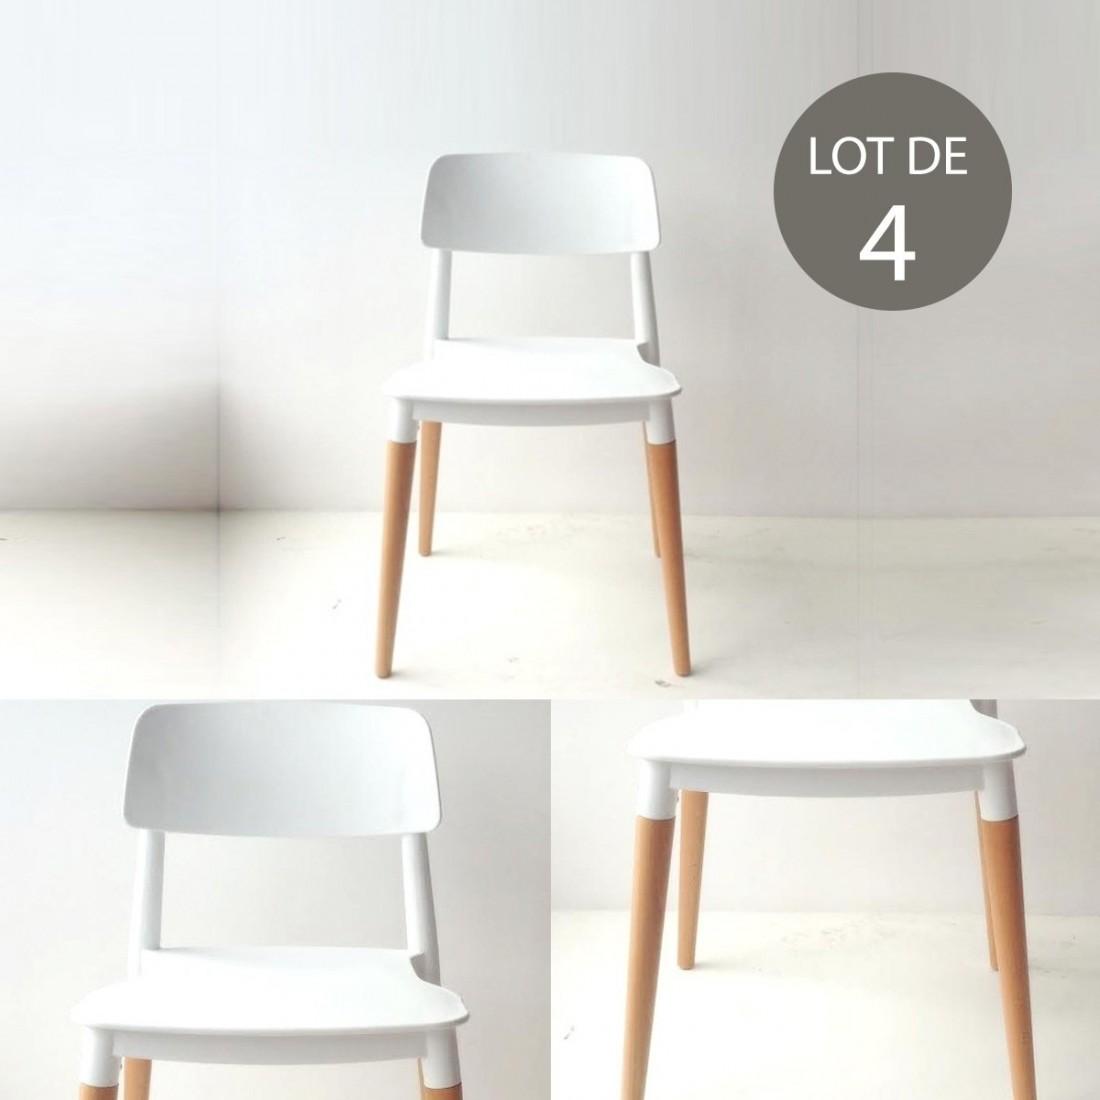 lot de 4 chaises design bourget. Black Bedroom Furniture Sets. Home Design Ideas